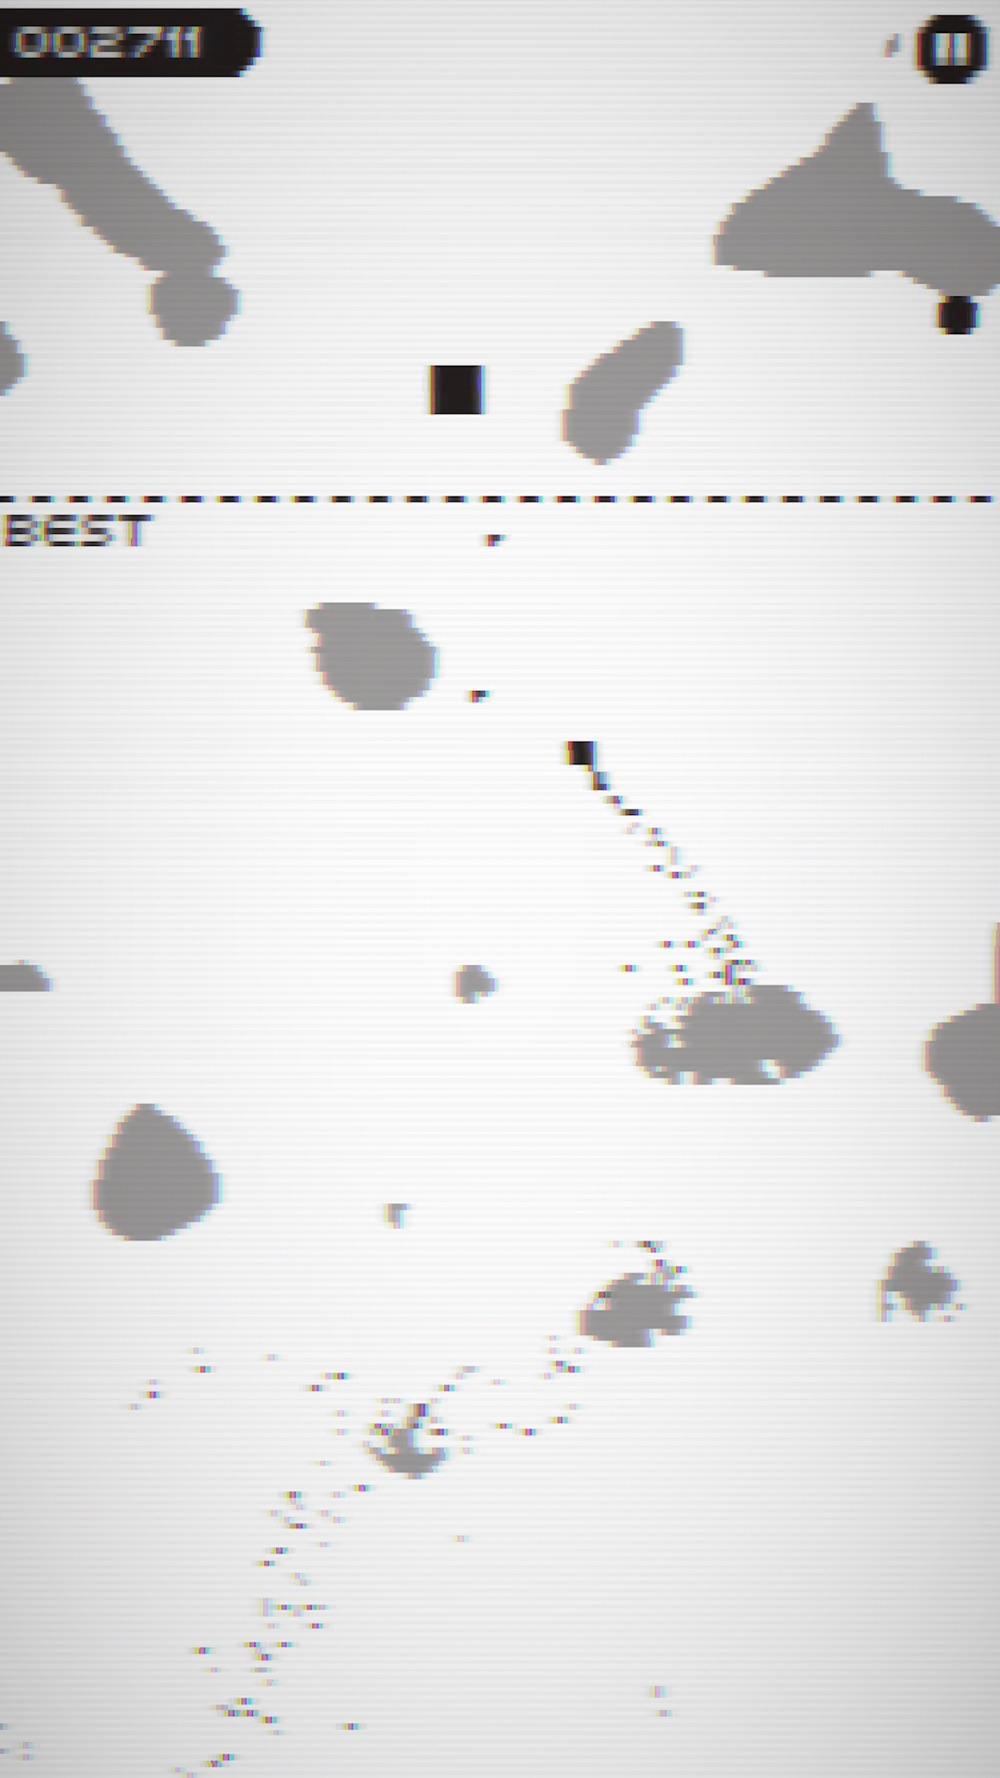 Spout: monochrome mission hack tool